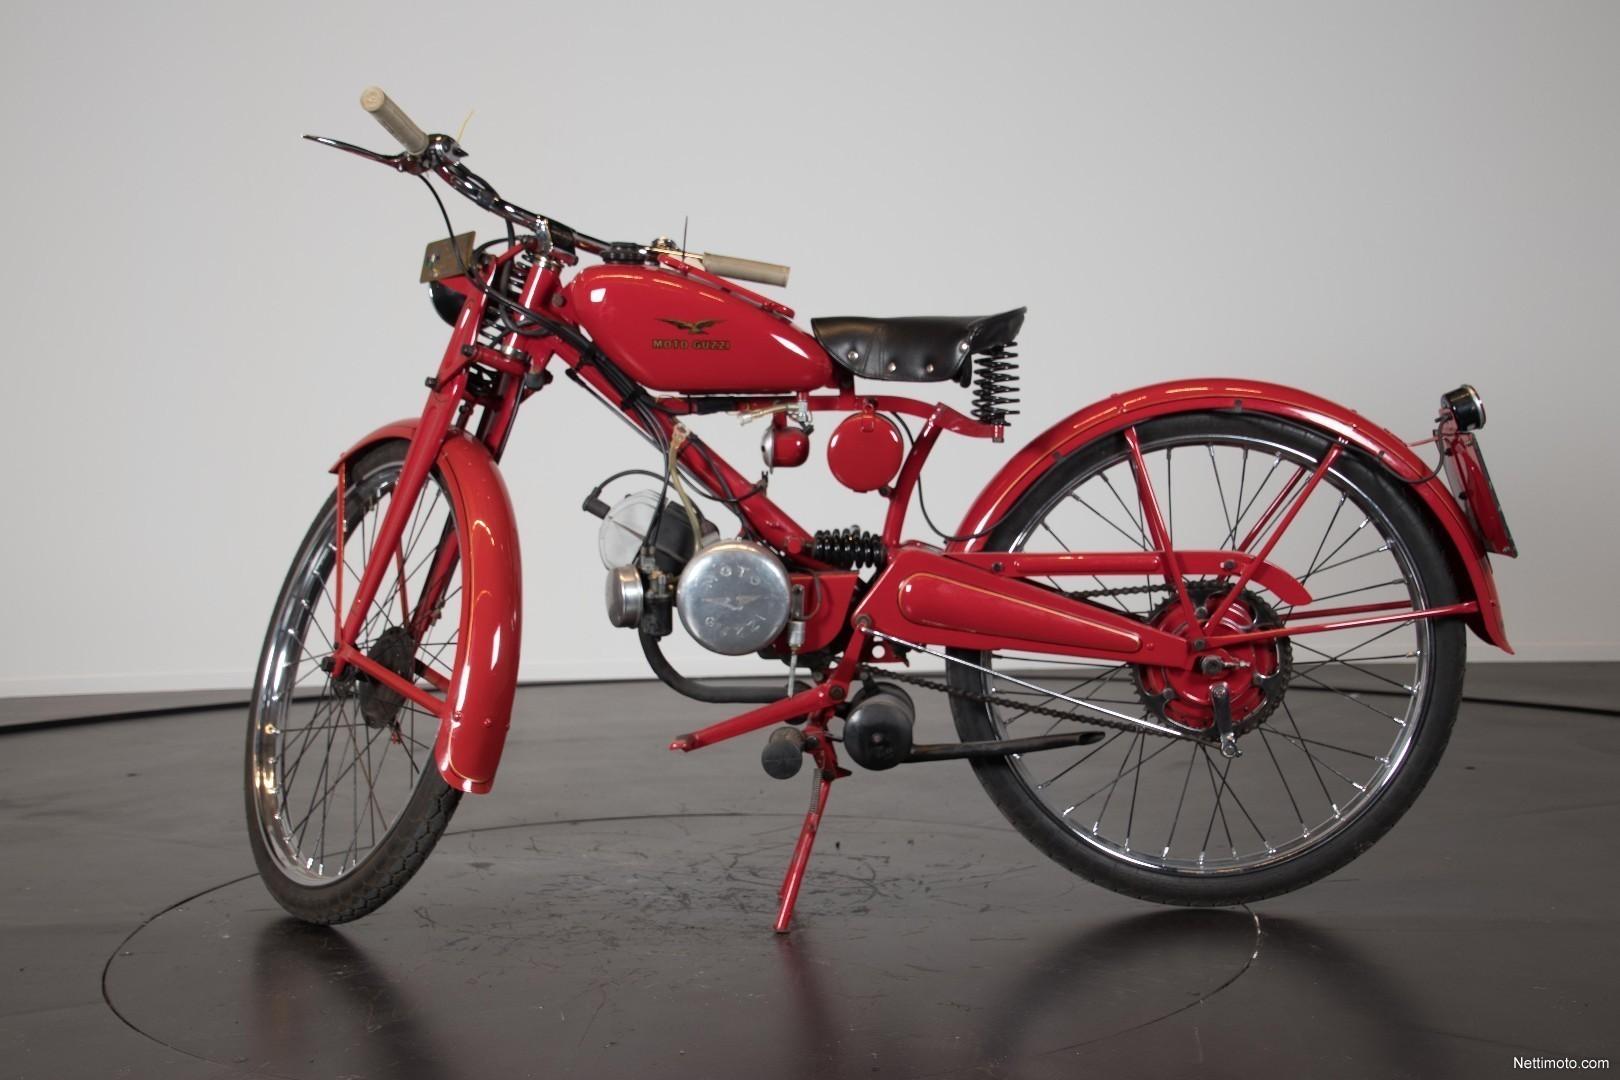 moto guzzi v65 65 cm 1950 reggio emilia motorcycle nettimoto. Black Bedroom Furniture Sets. Home Design Ideas